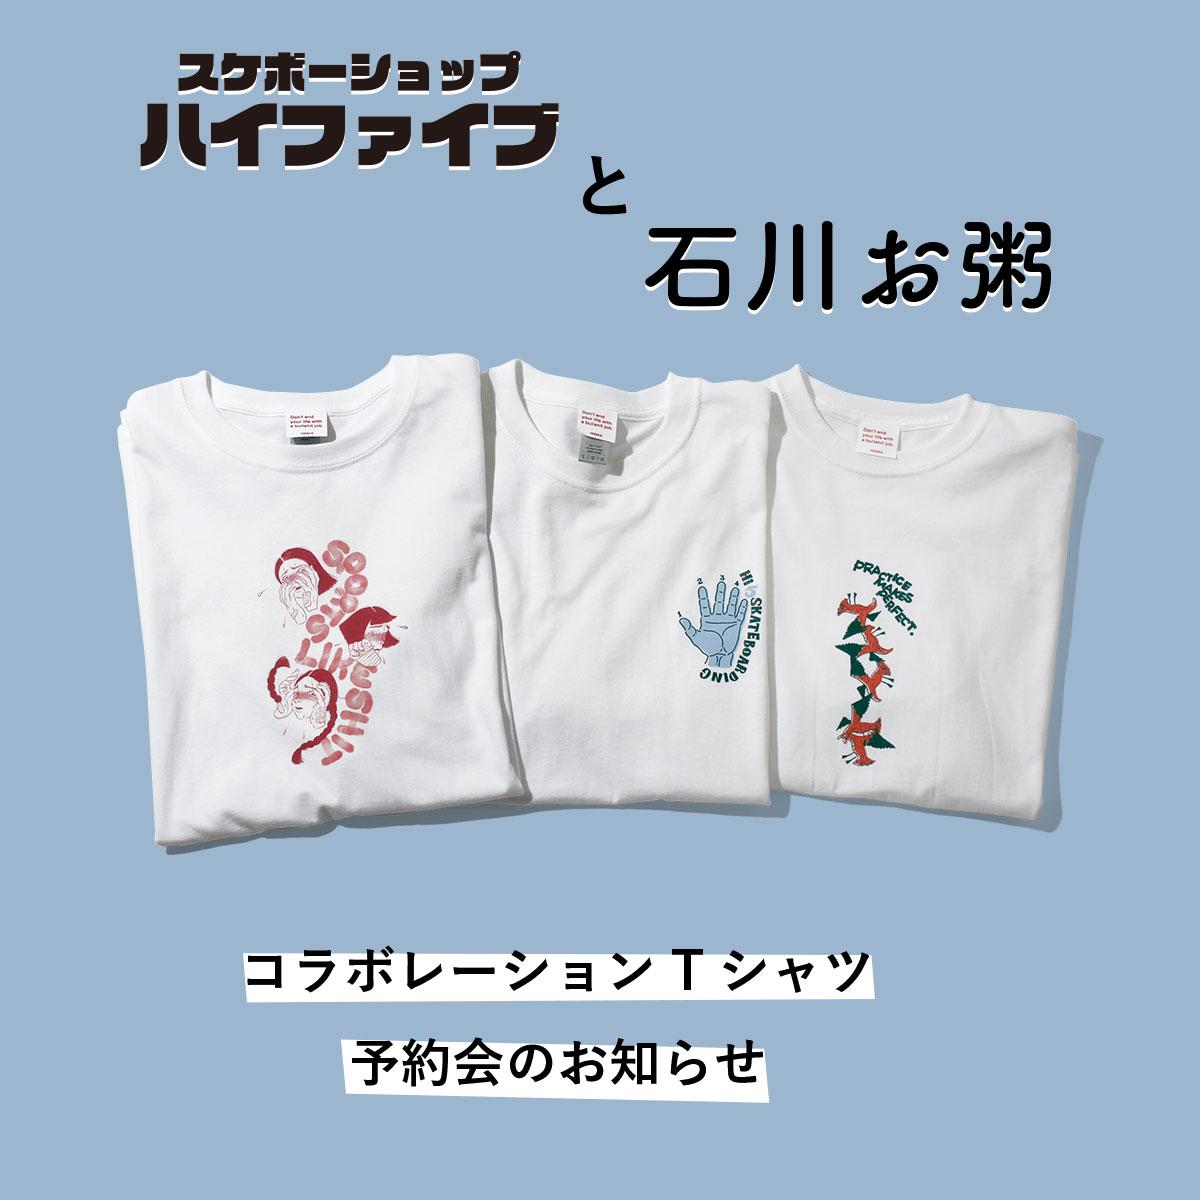 ハイファイブ X 石川お粥 Tシャツ